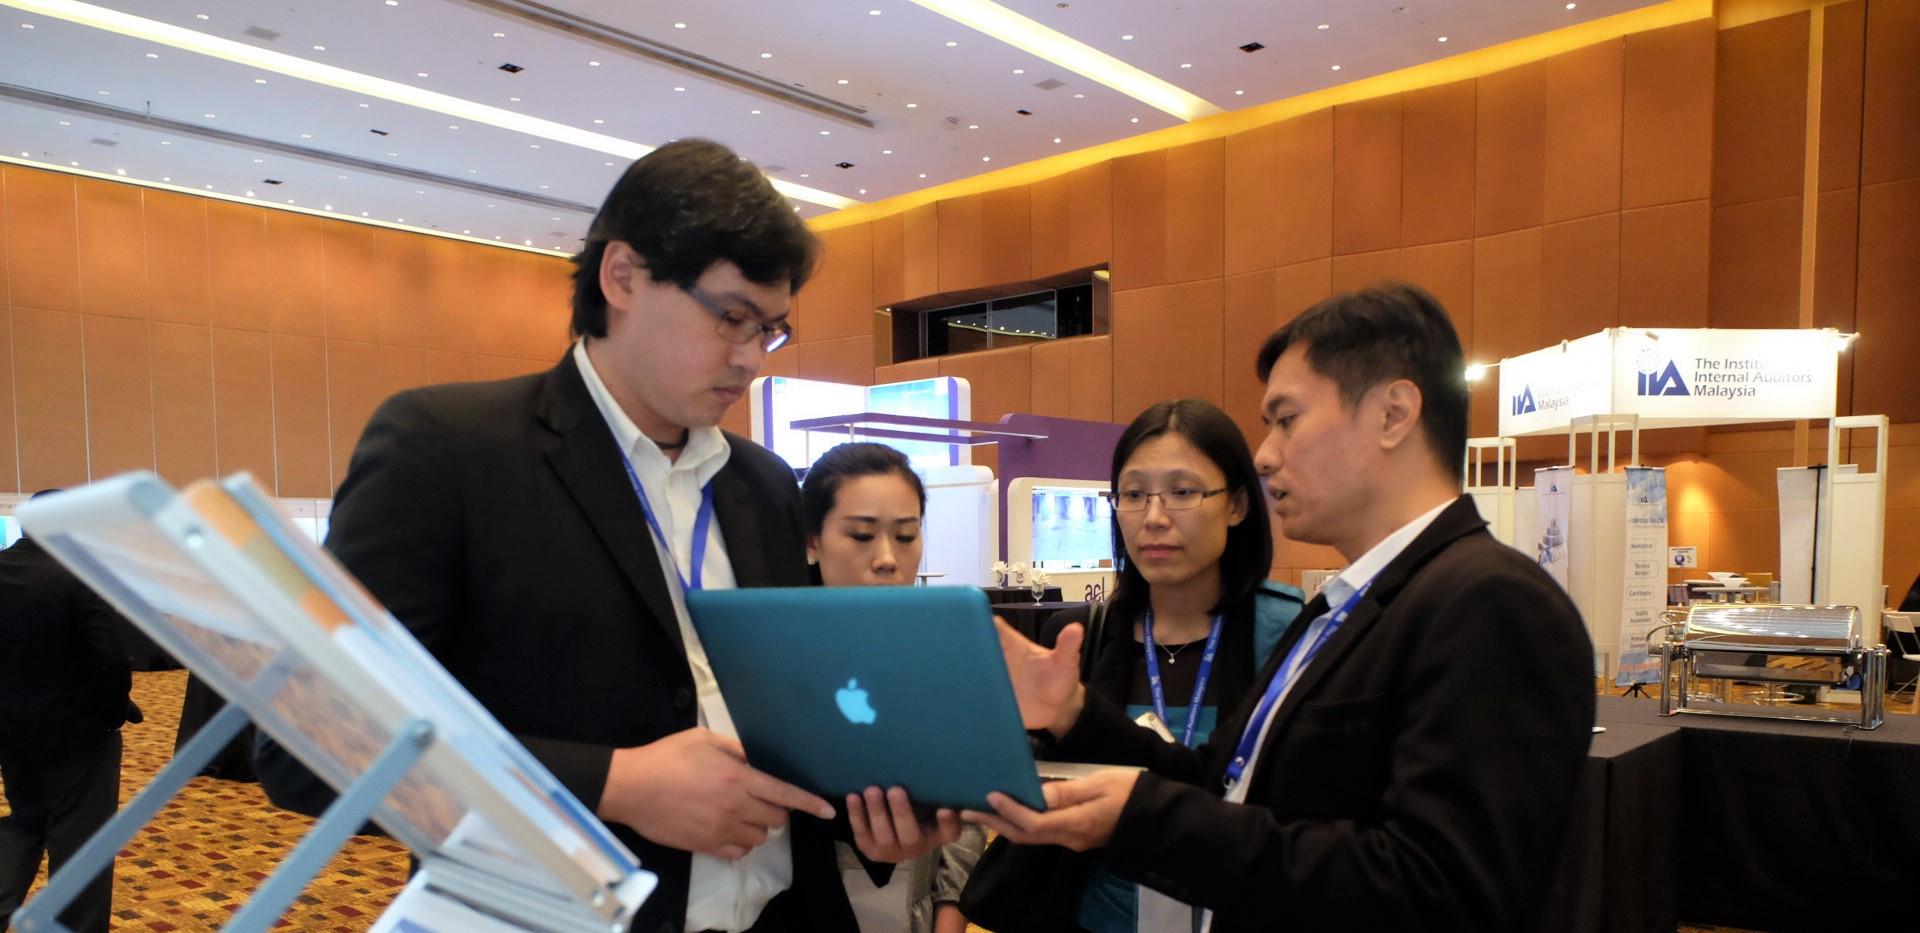 Demonstrating DPOinBOX